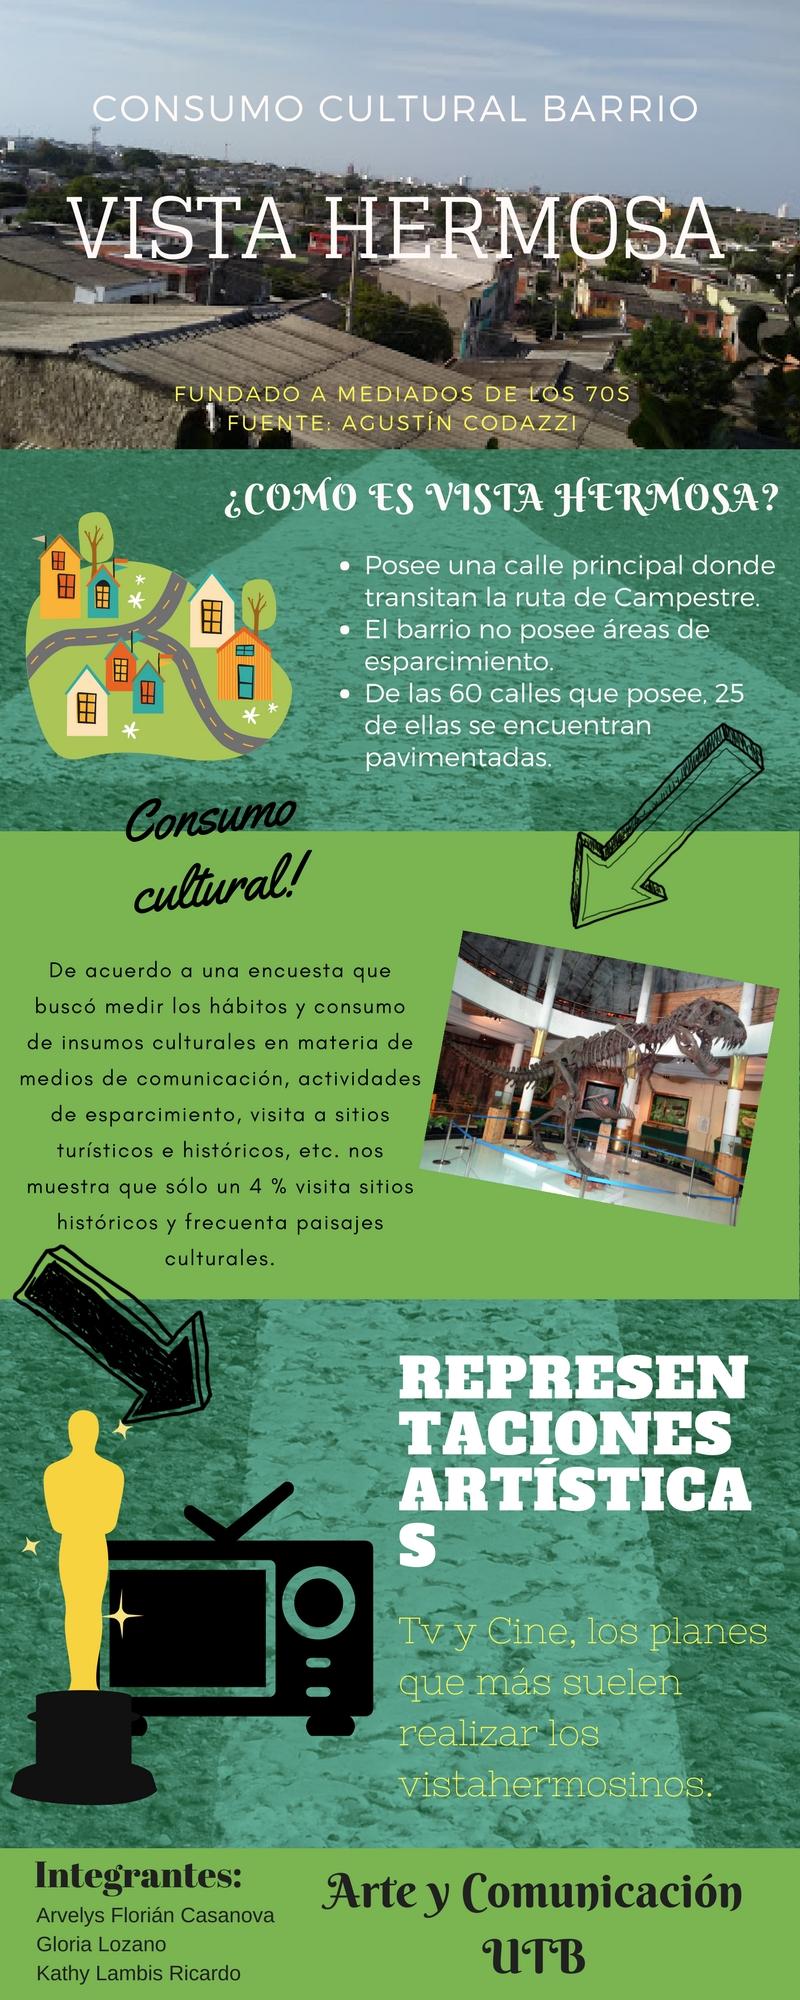 ¿Cómo es el consumo cultural en Cartagena?